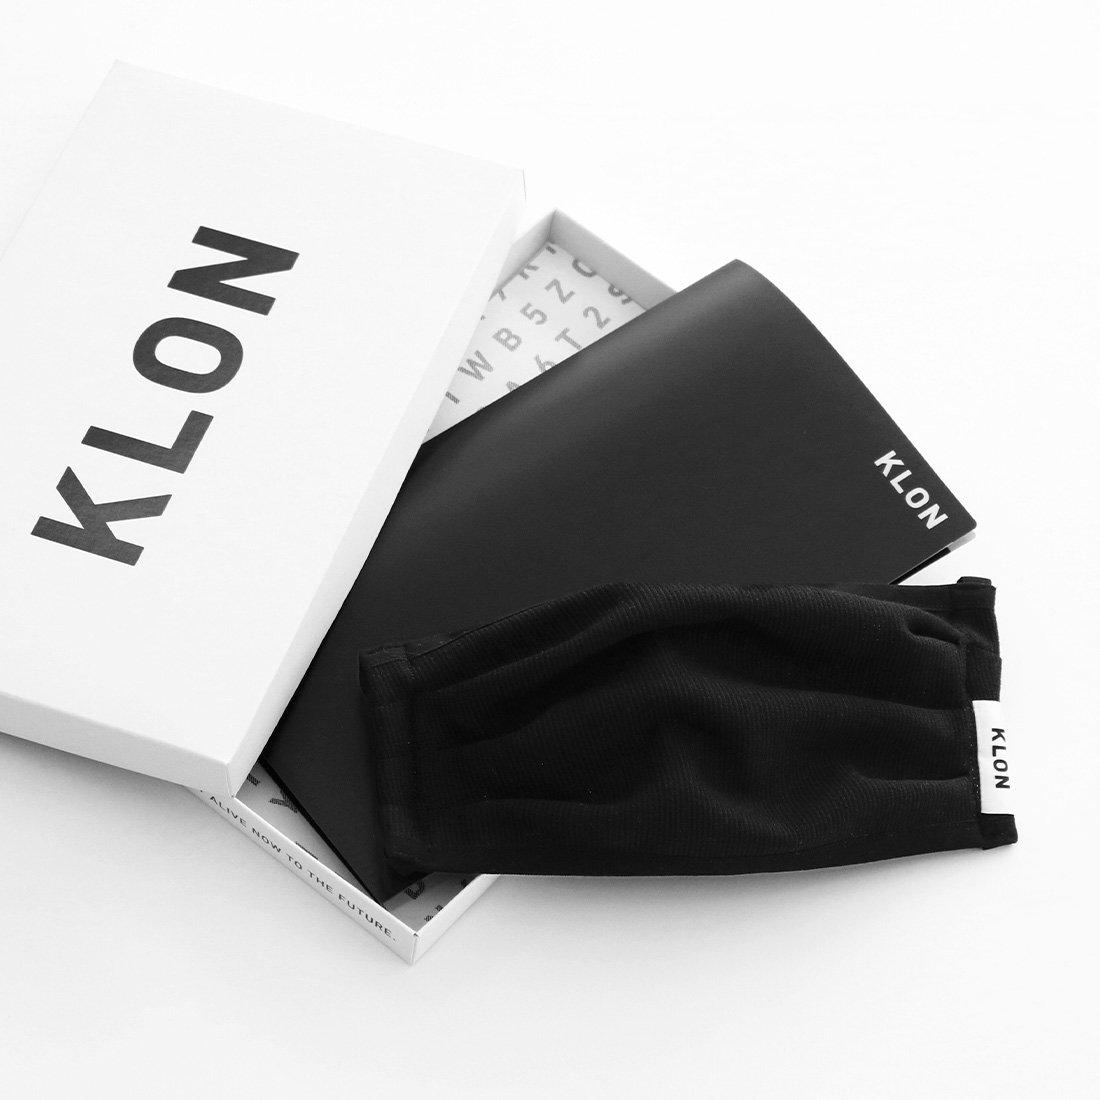 KLON抗菌マスク販売ページで